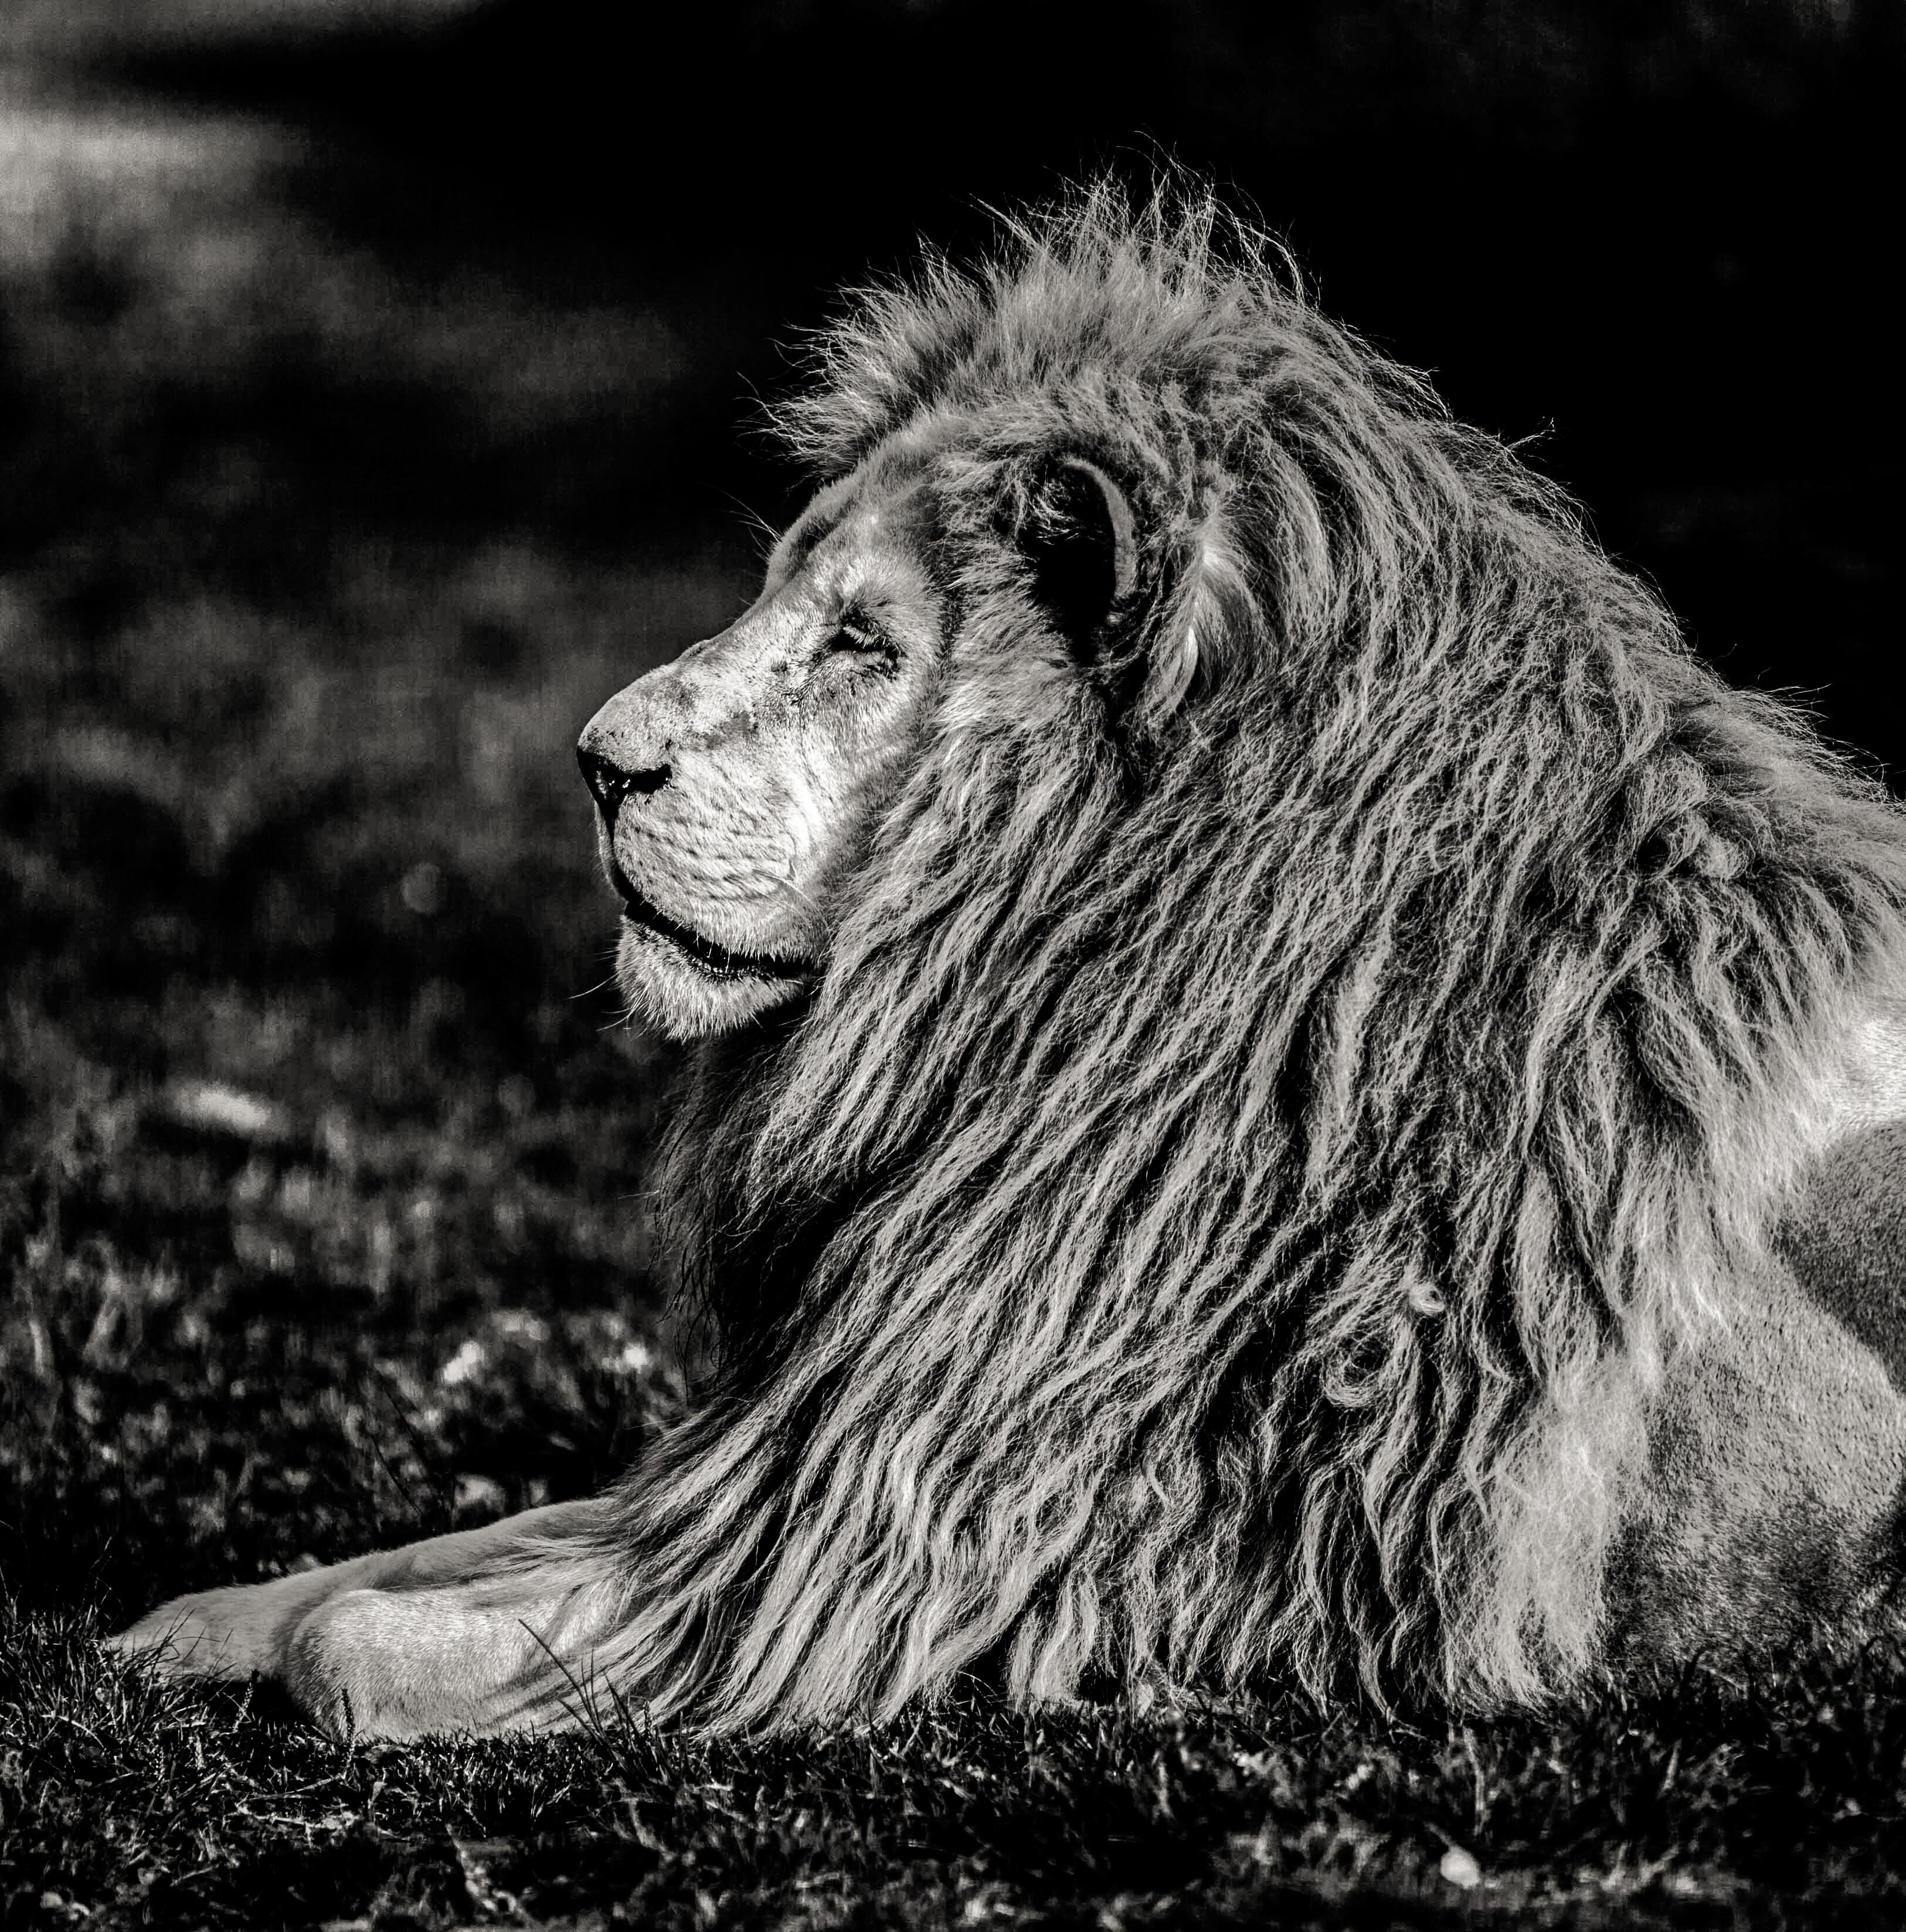 debadier_The white lion